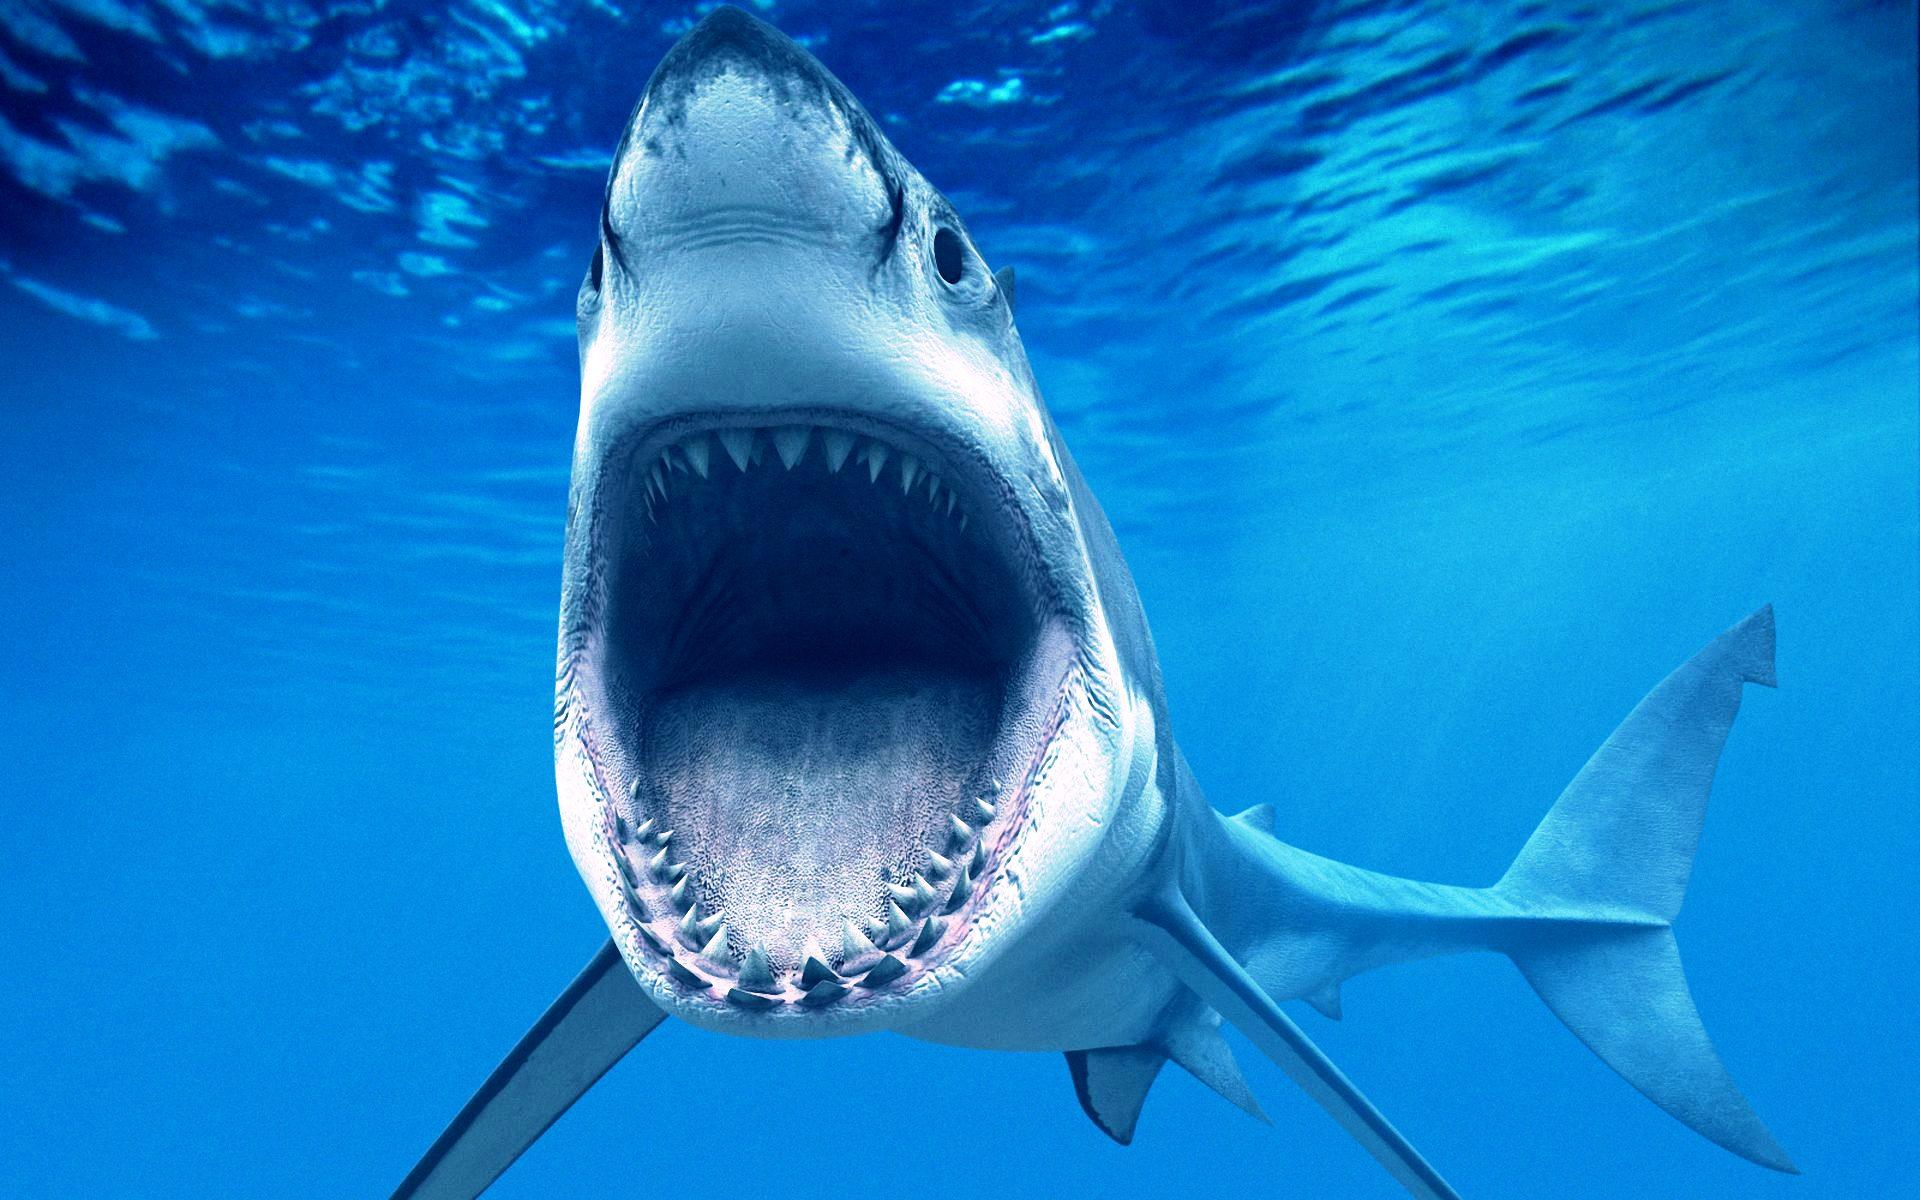 Картинка с плывущей у дна акулой. Скачать аватар акулы.